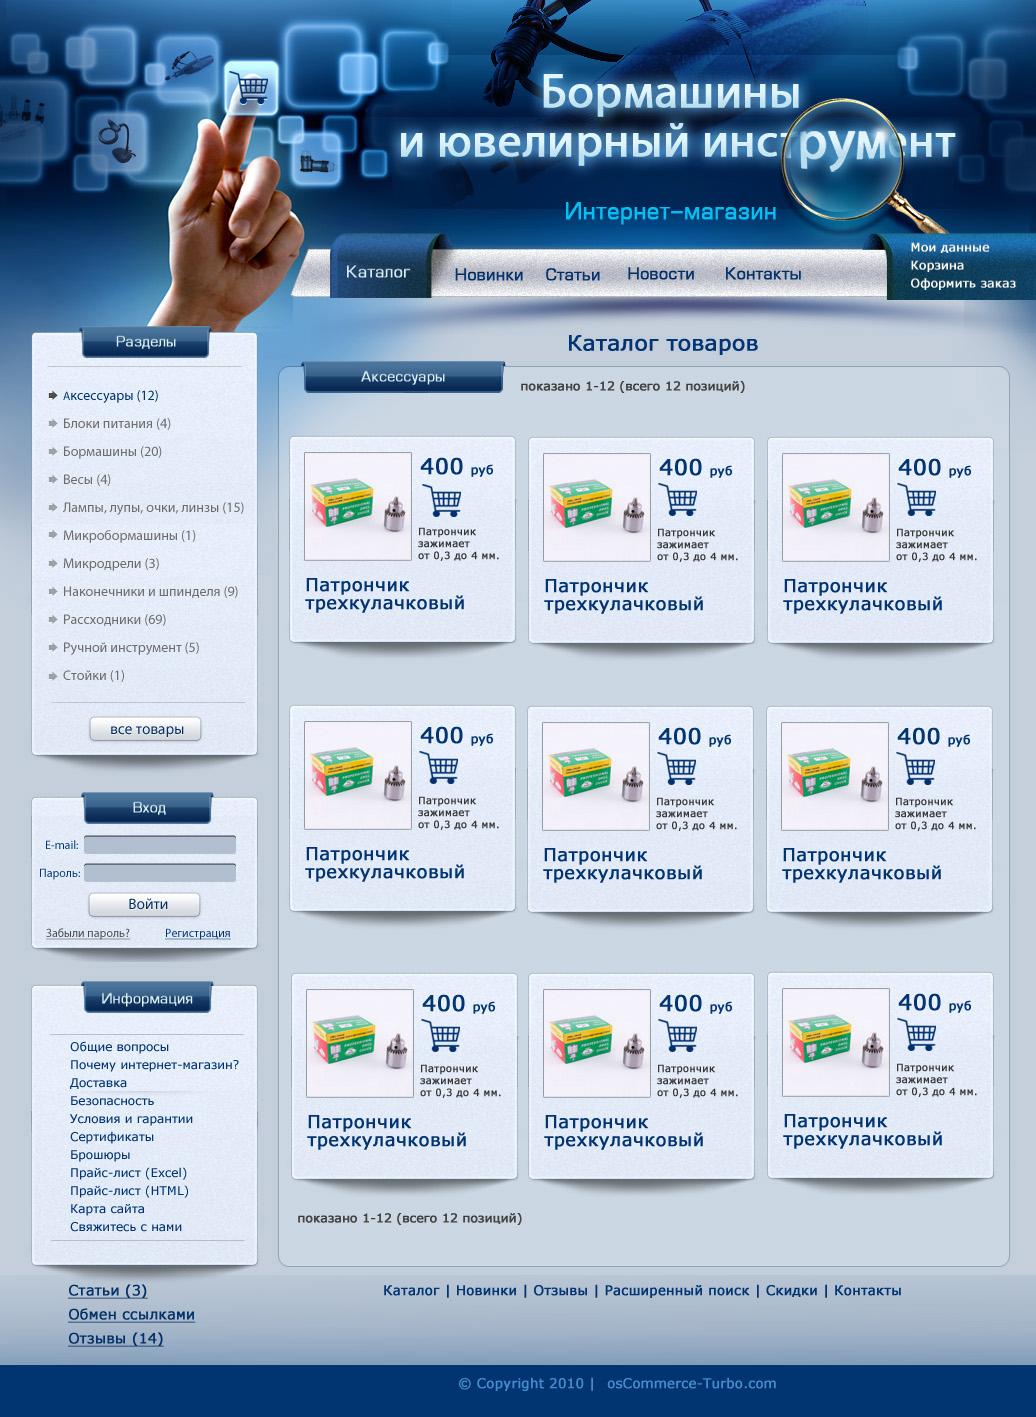 Дизайн сайта ювелирных инструментов